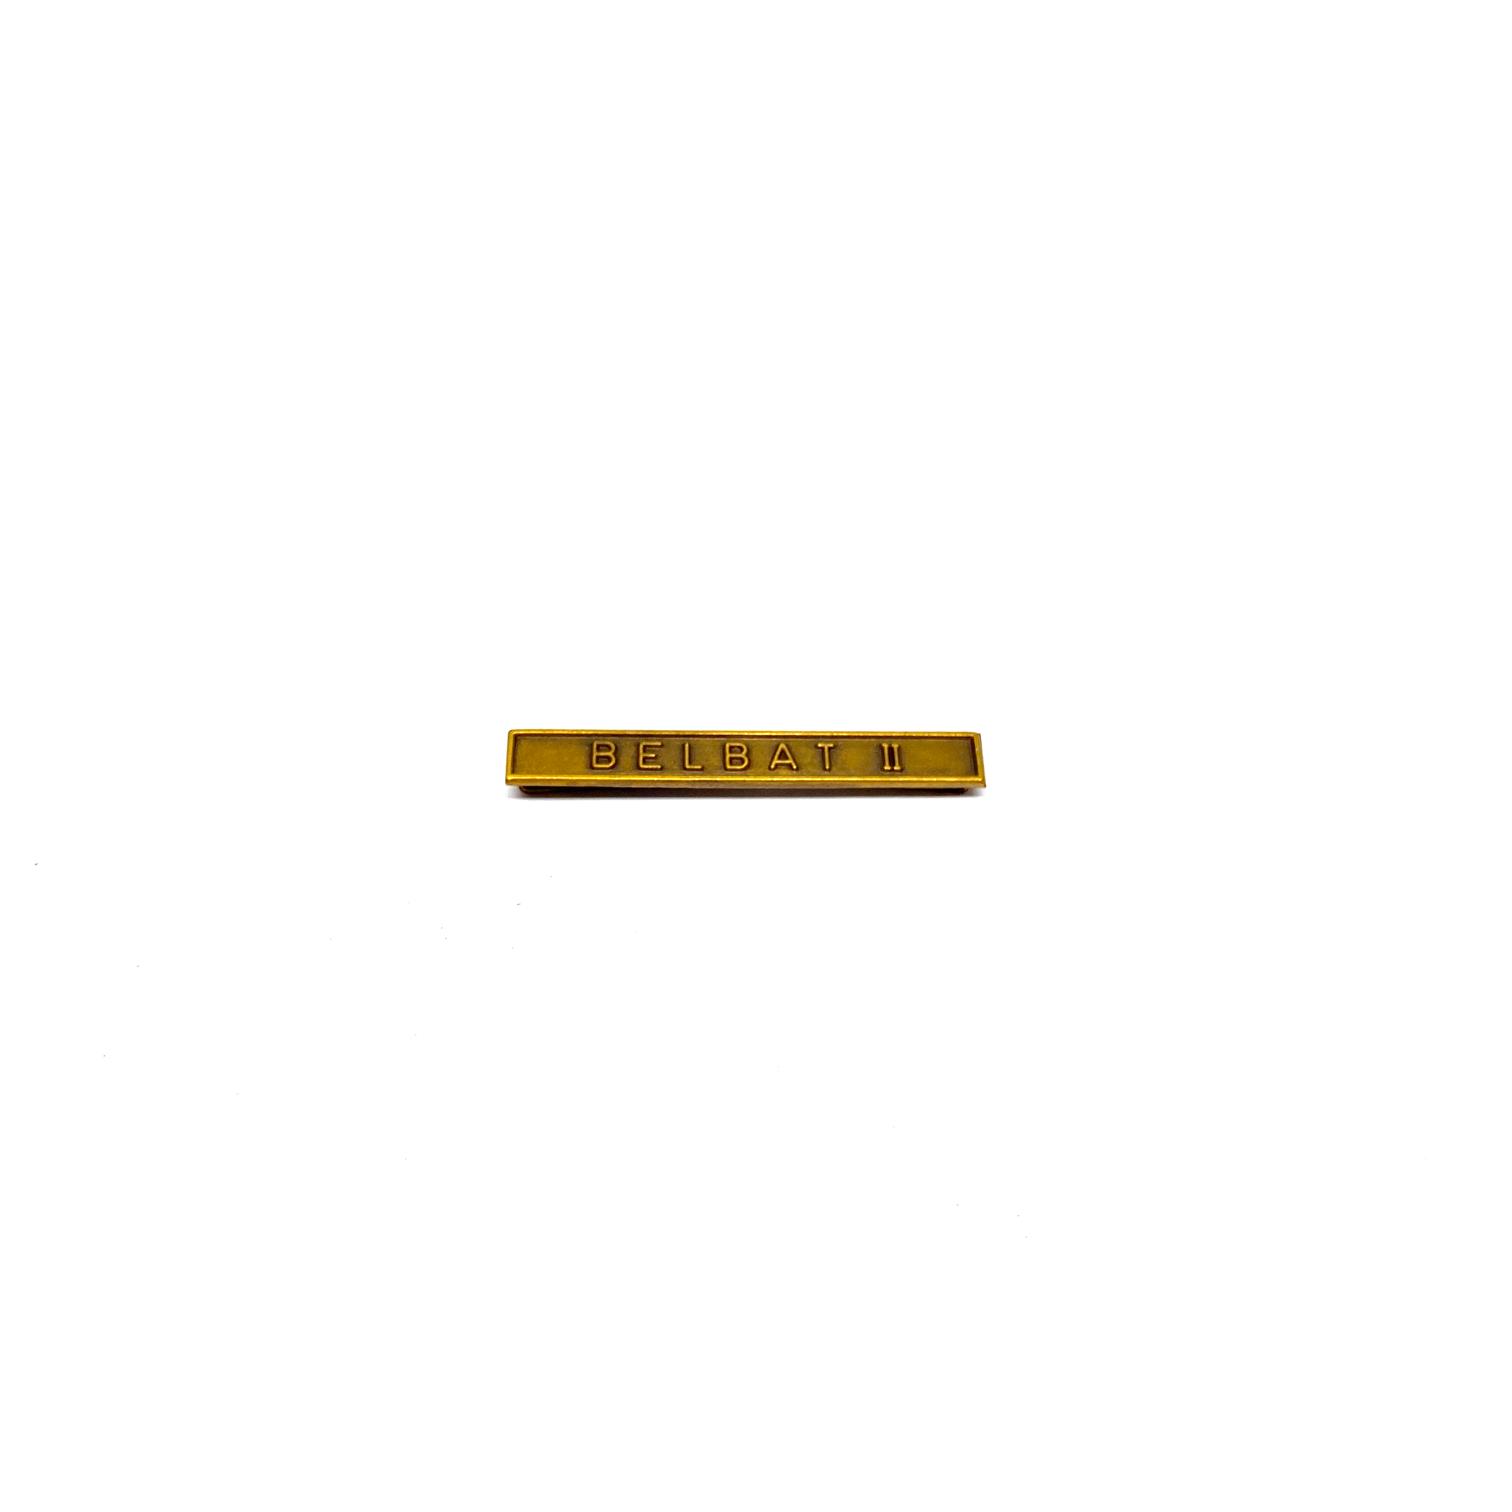 Barrette Belbat II pour décorations militaires